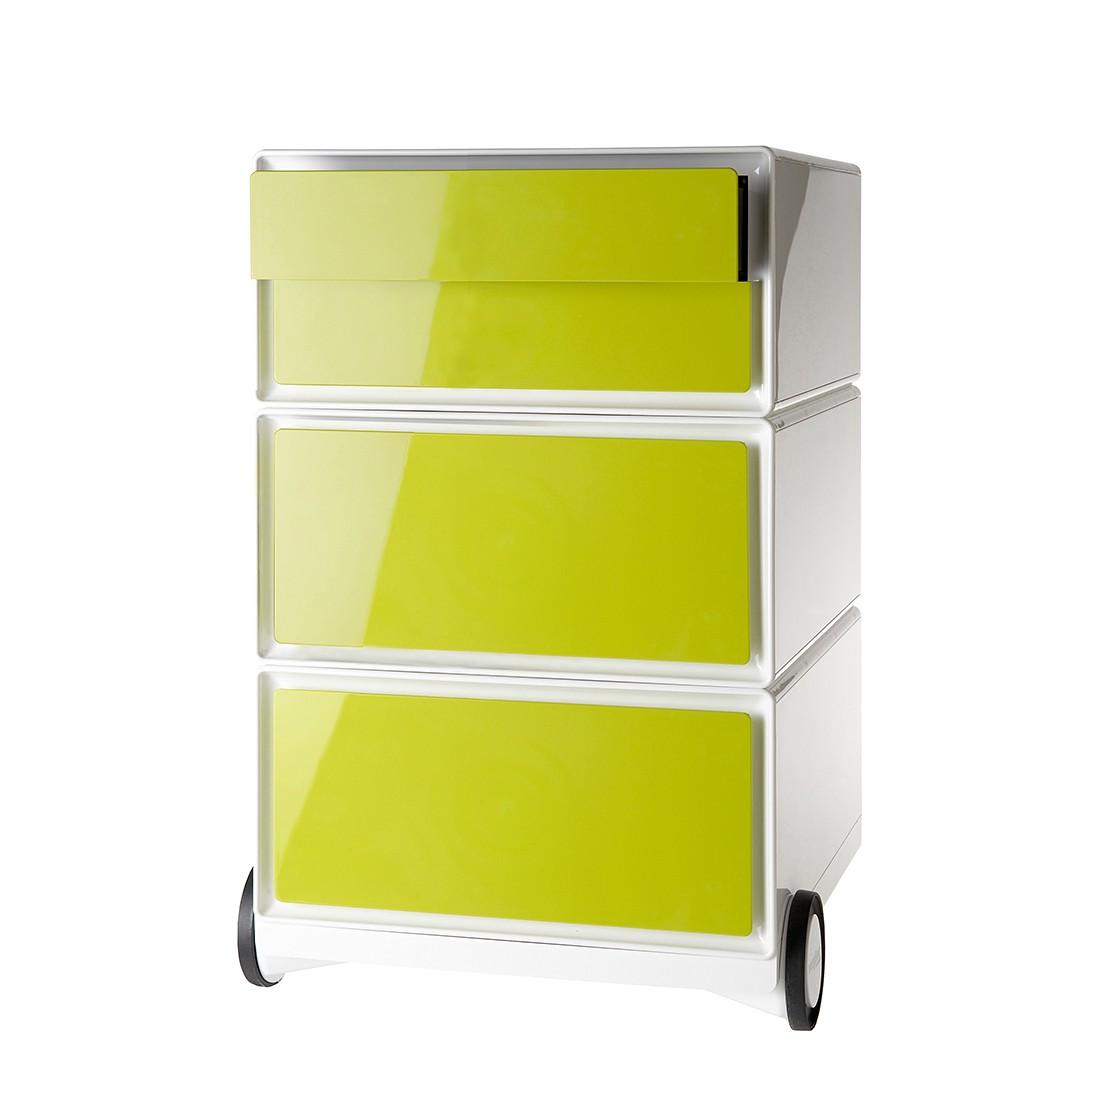 Rollcontainer bad kunststoff  Möbel online günstig kaufen über shop24.at | shop24